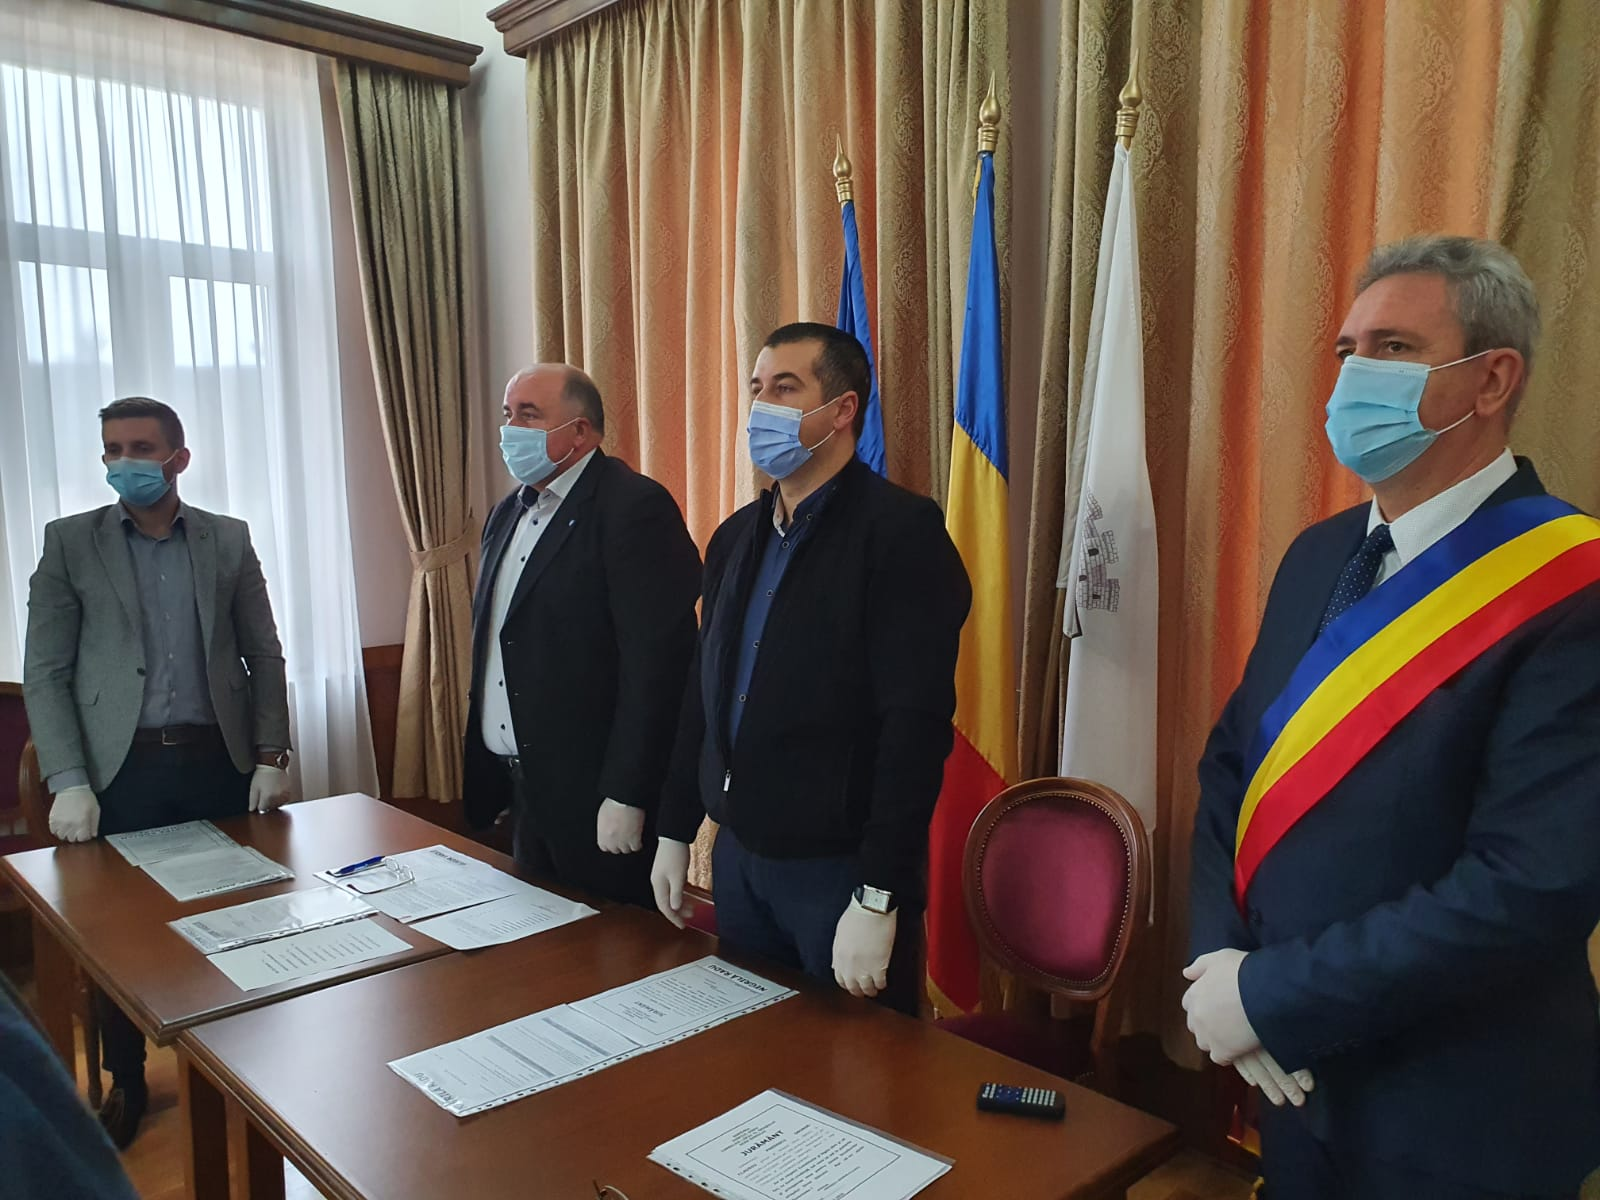 Primarul George-Claudiu Predescu și consilierii locali din Ocna Sibiului au depus jurământul